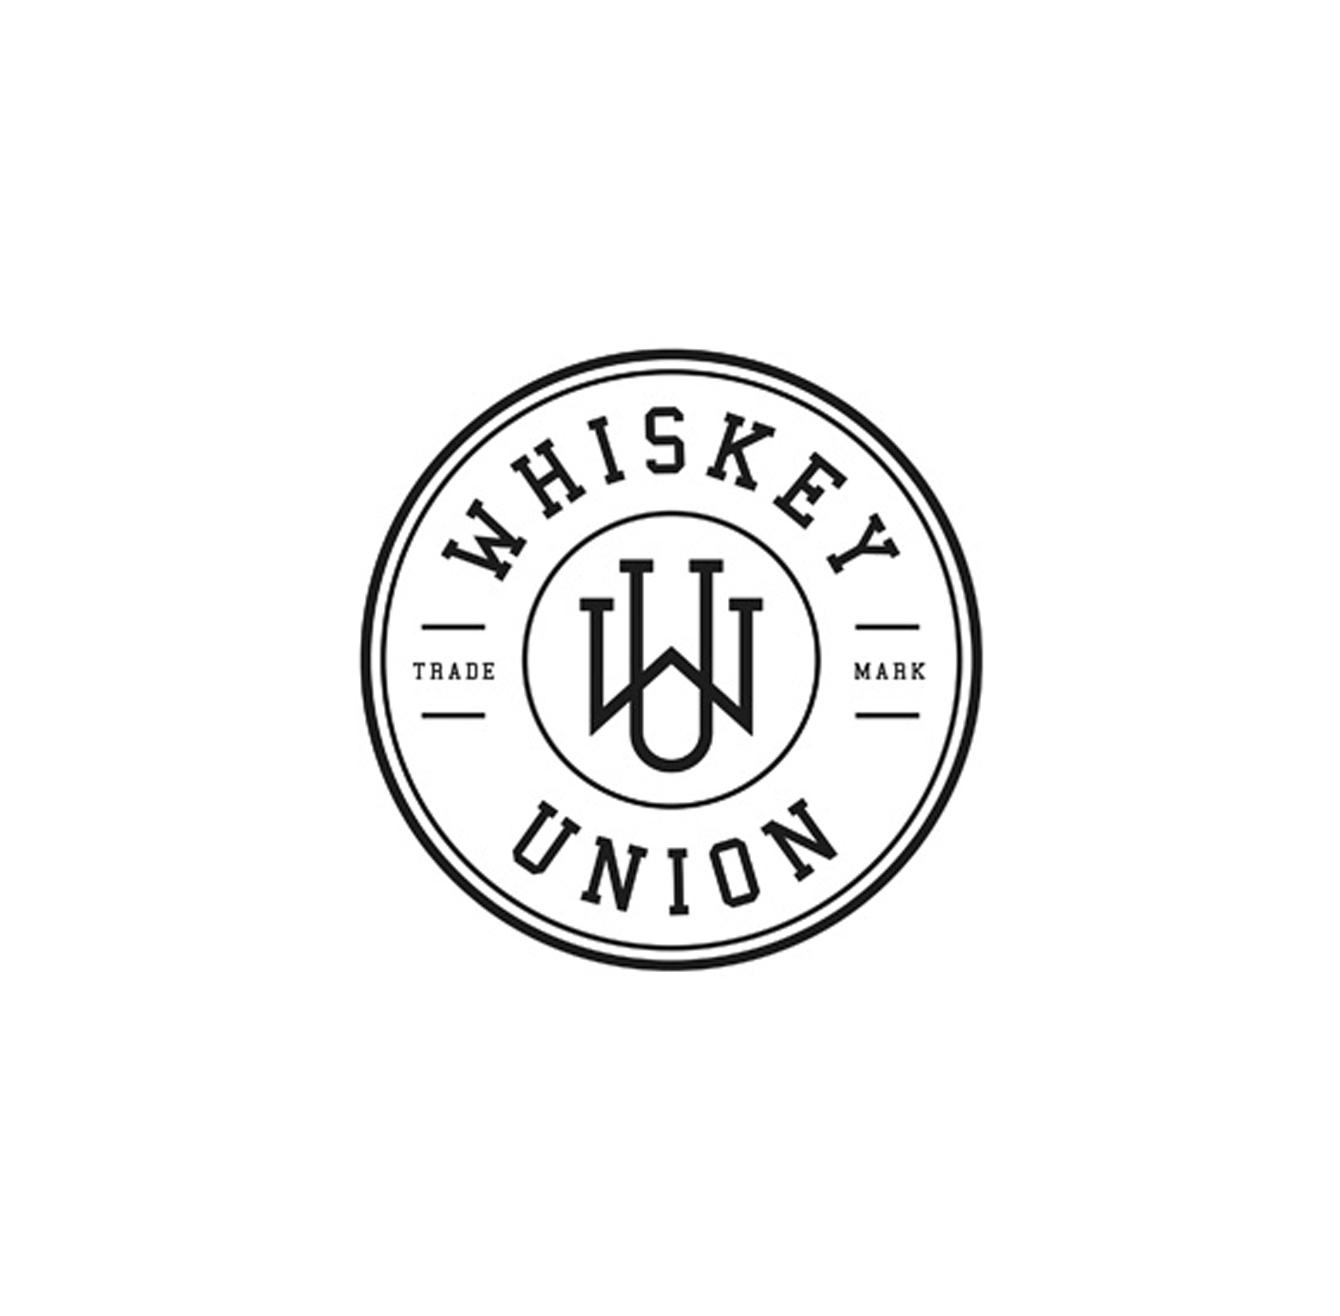 Whisky Union